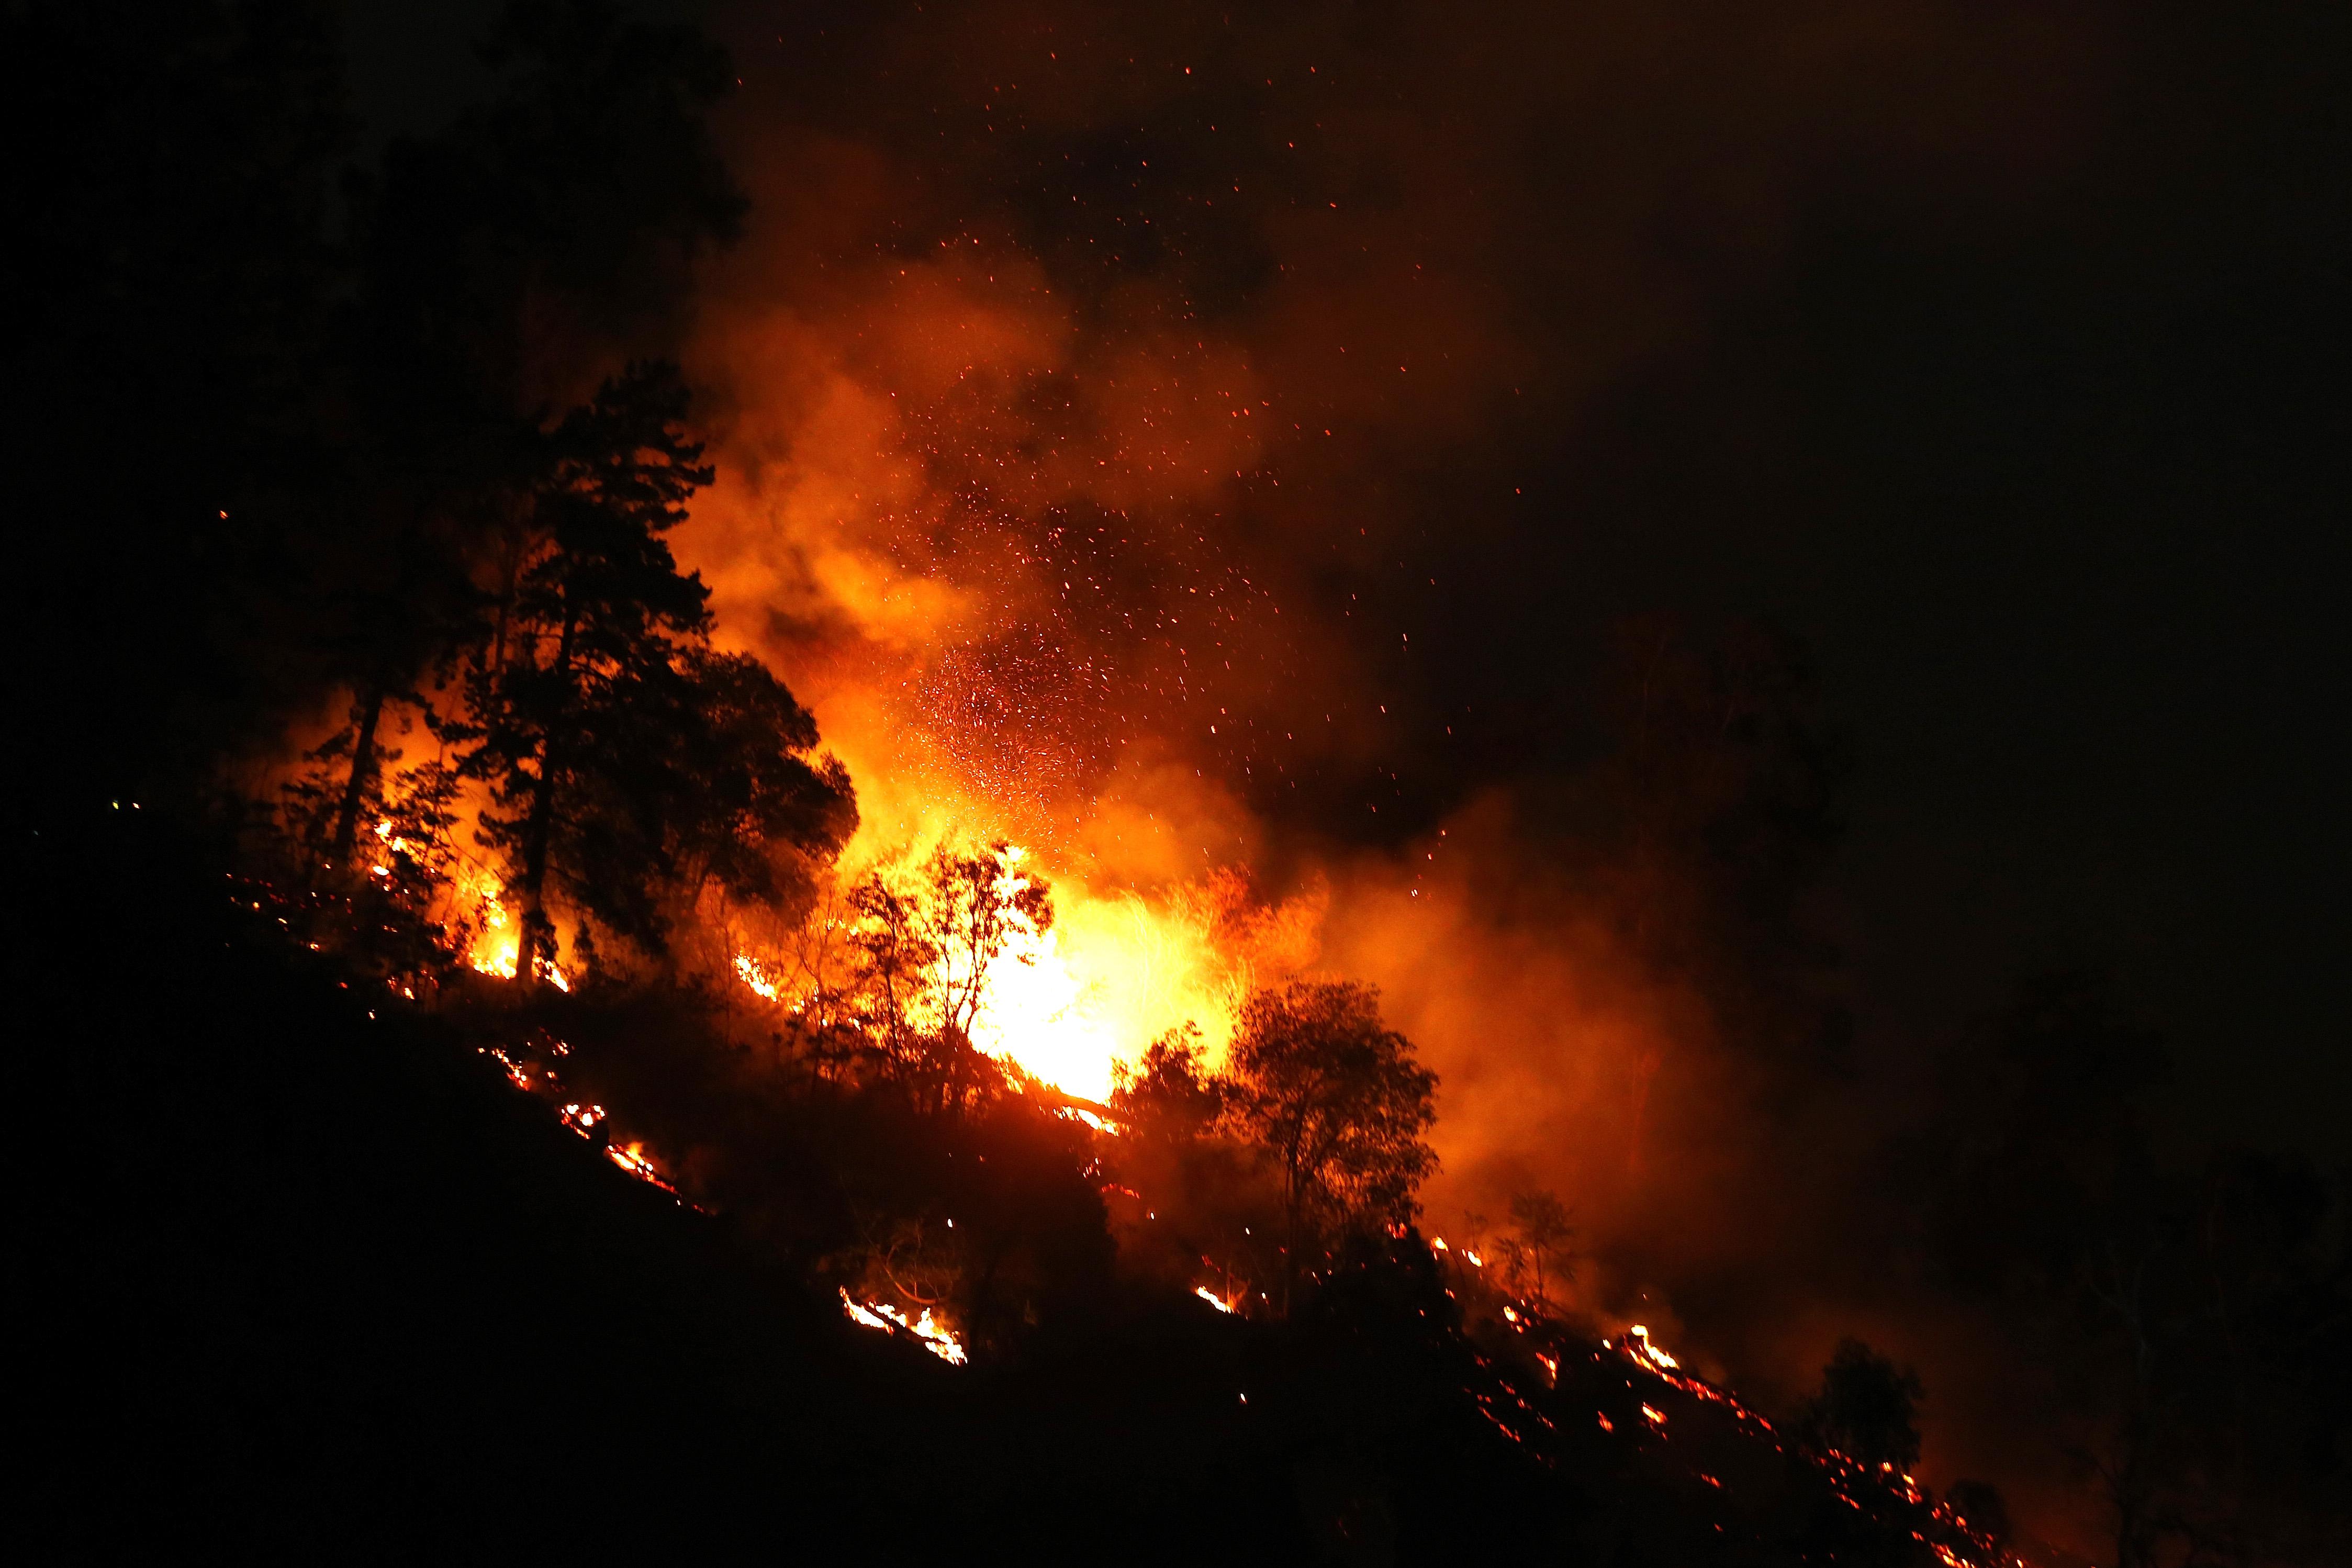 Cómo se gestó la evacuación de los animales del zoológico en medio de las llamas